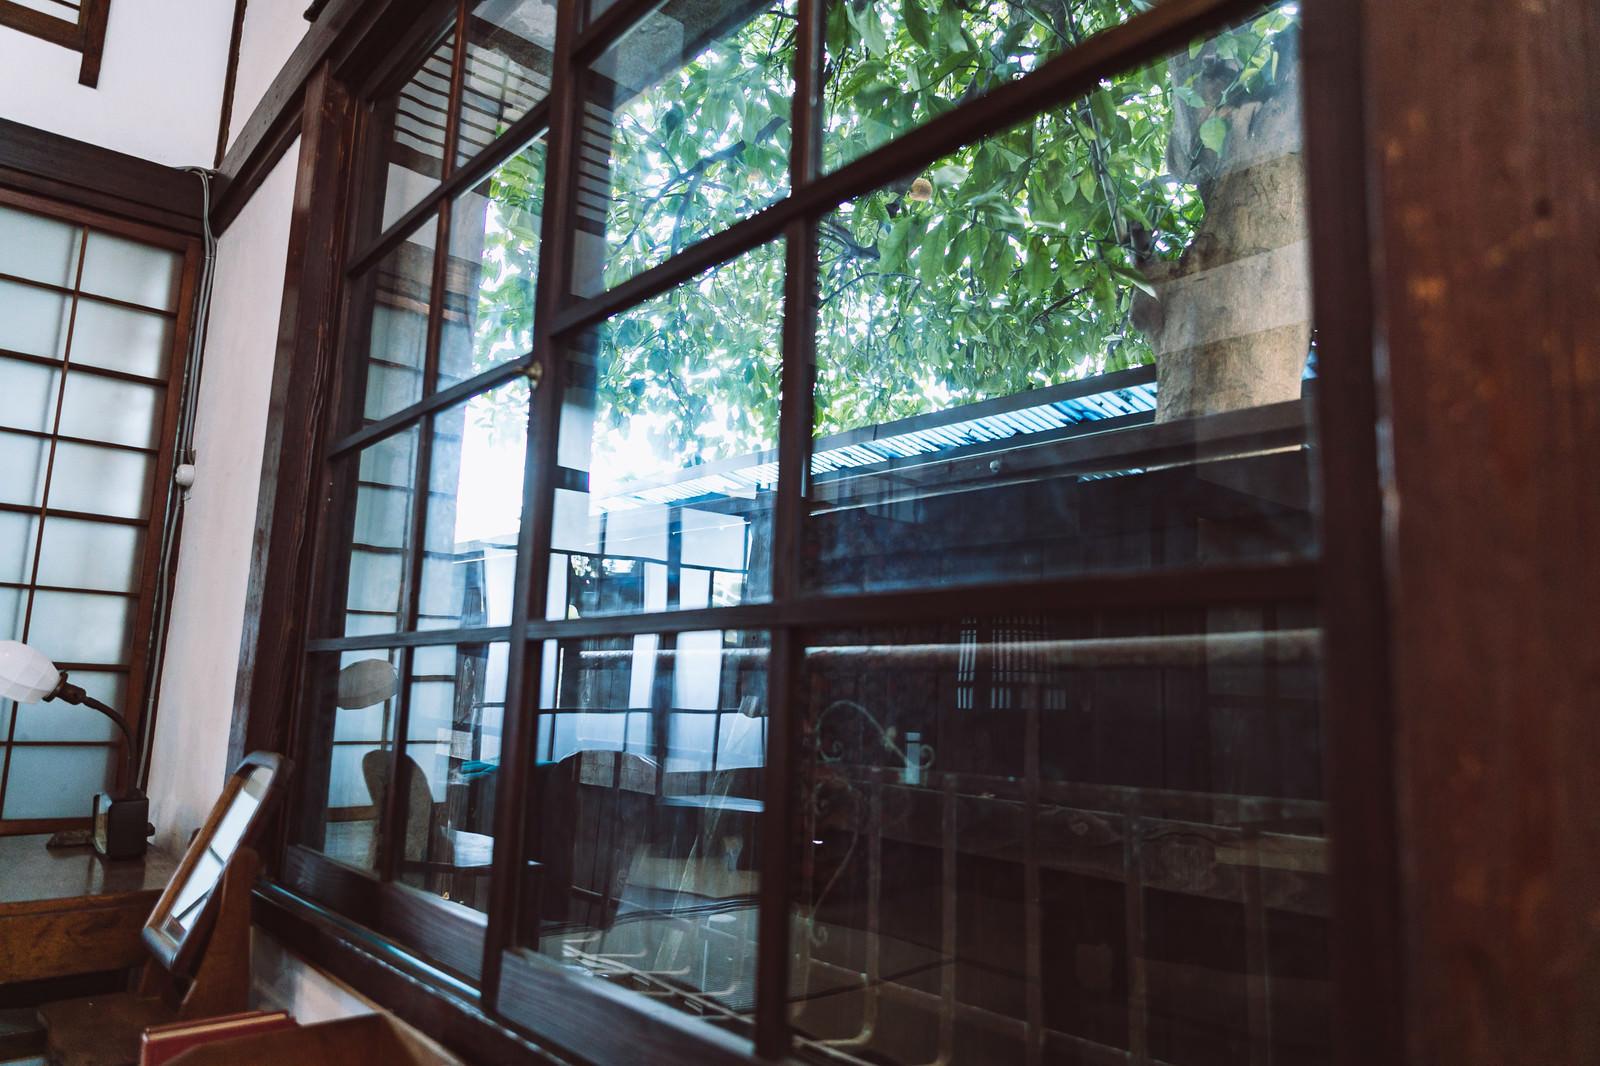 「和室のガラス窓から見える庭の木漏れ日」の写真